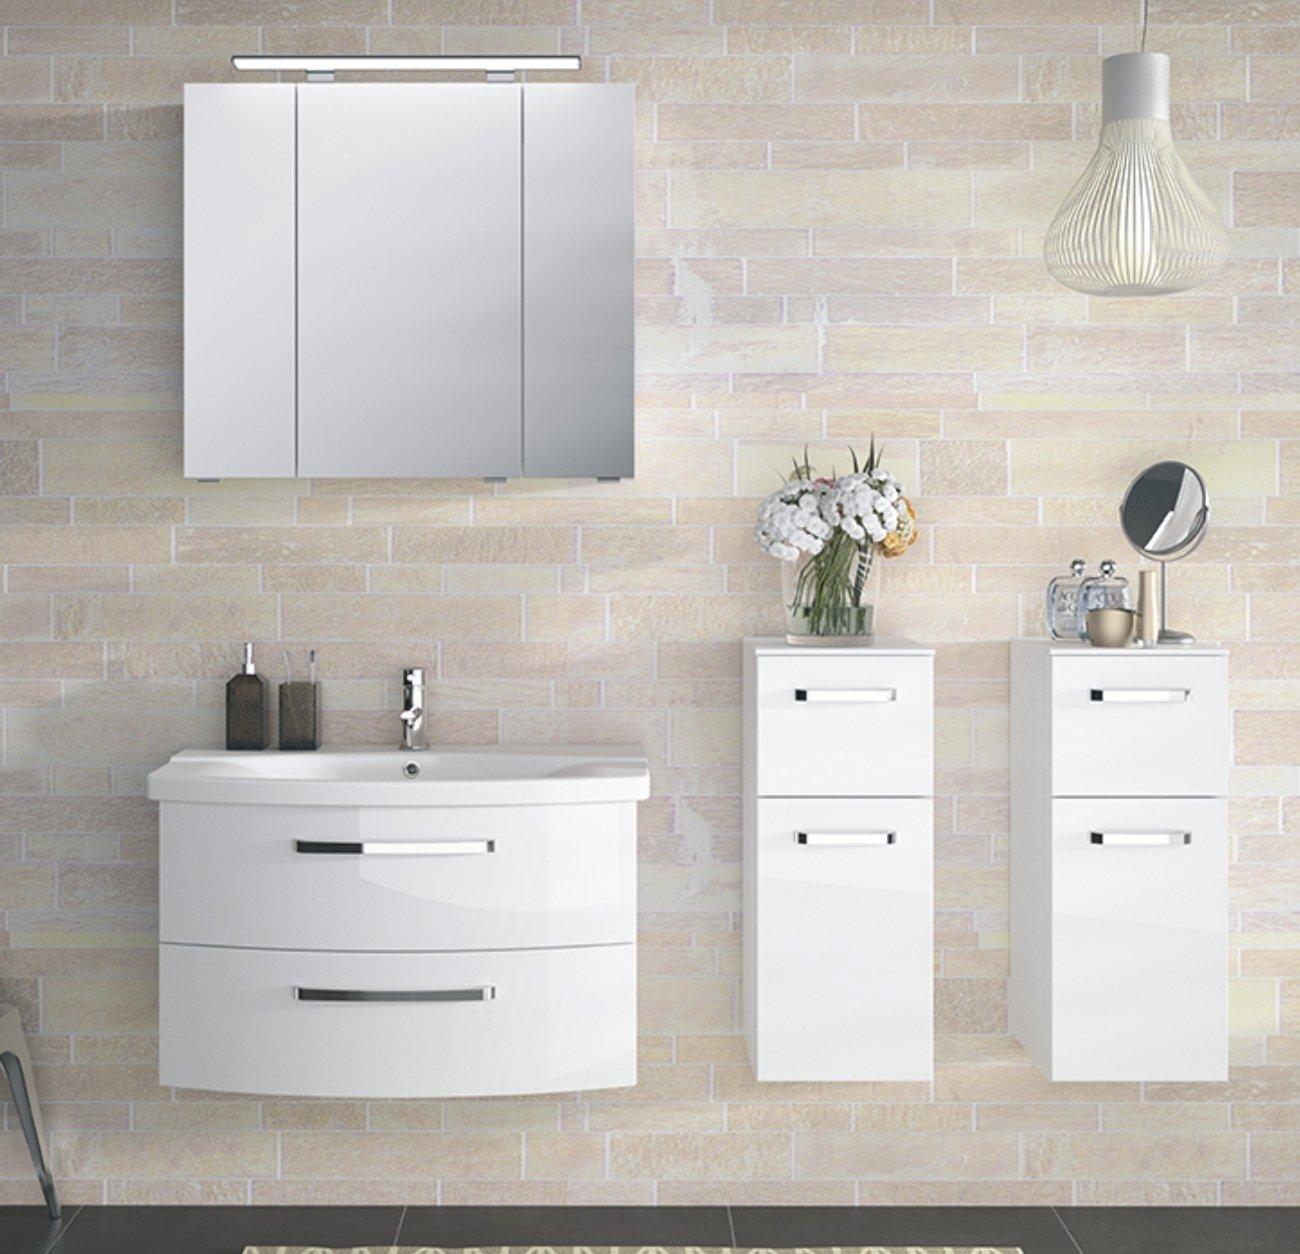 pelipal fokus 4010 set d online 84 cm badm bel arcom center. Black Bedroom Furniture Sets. Home Design Ideas